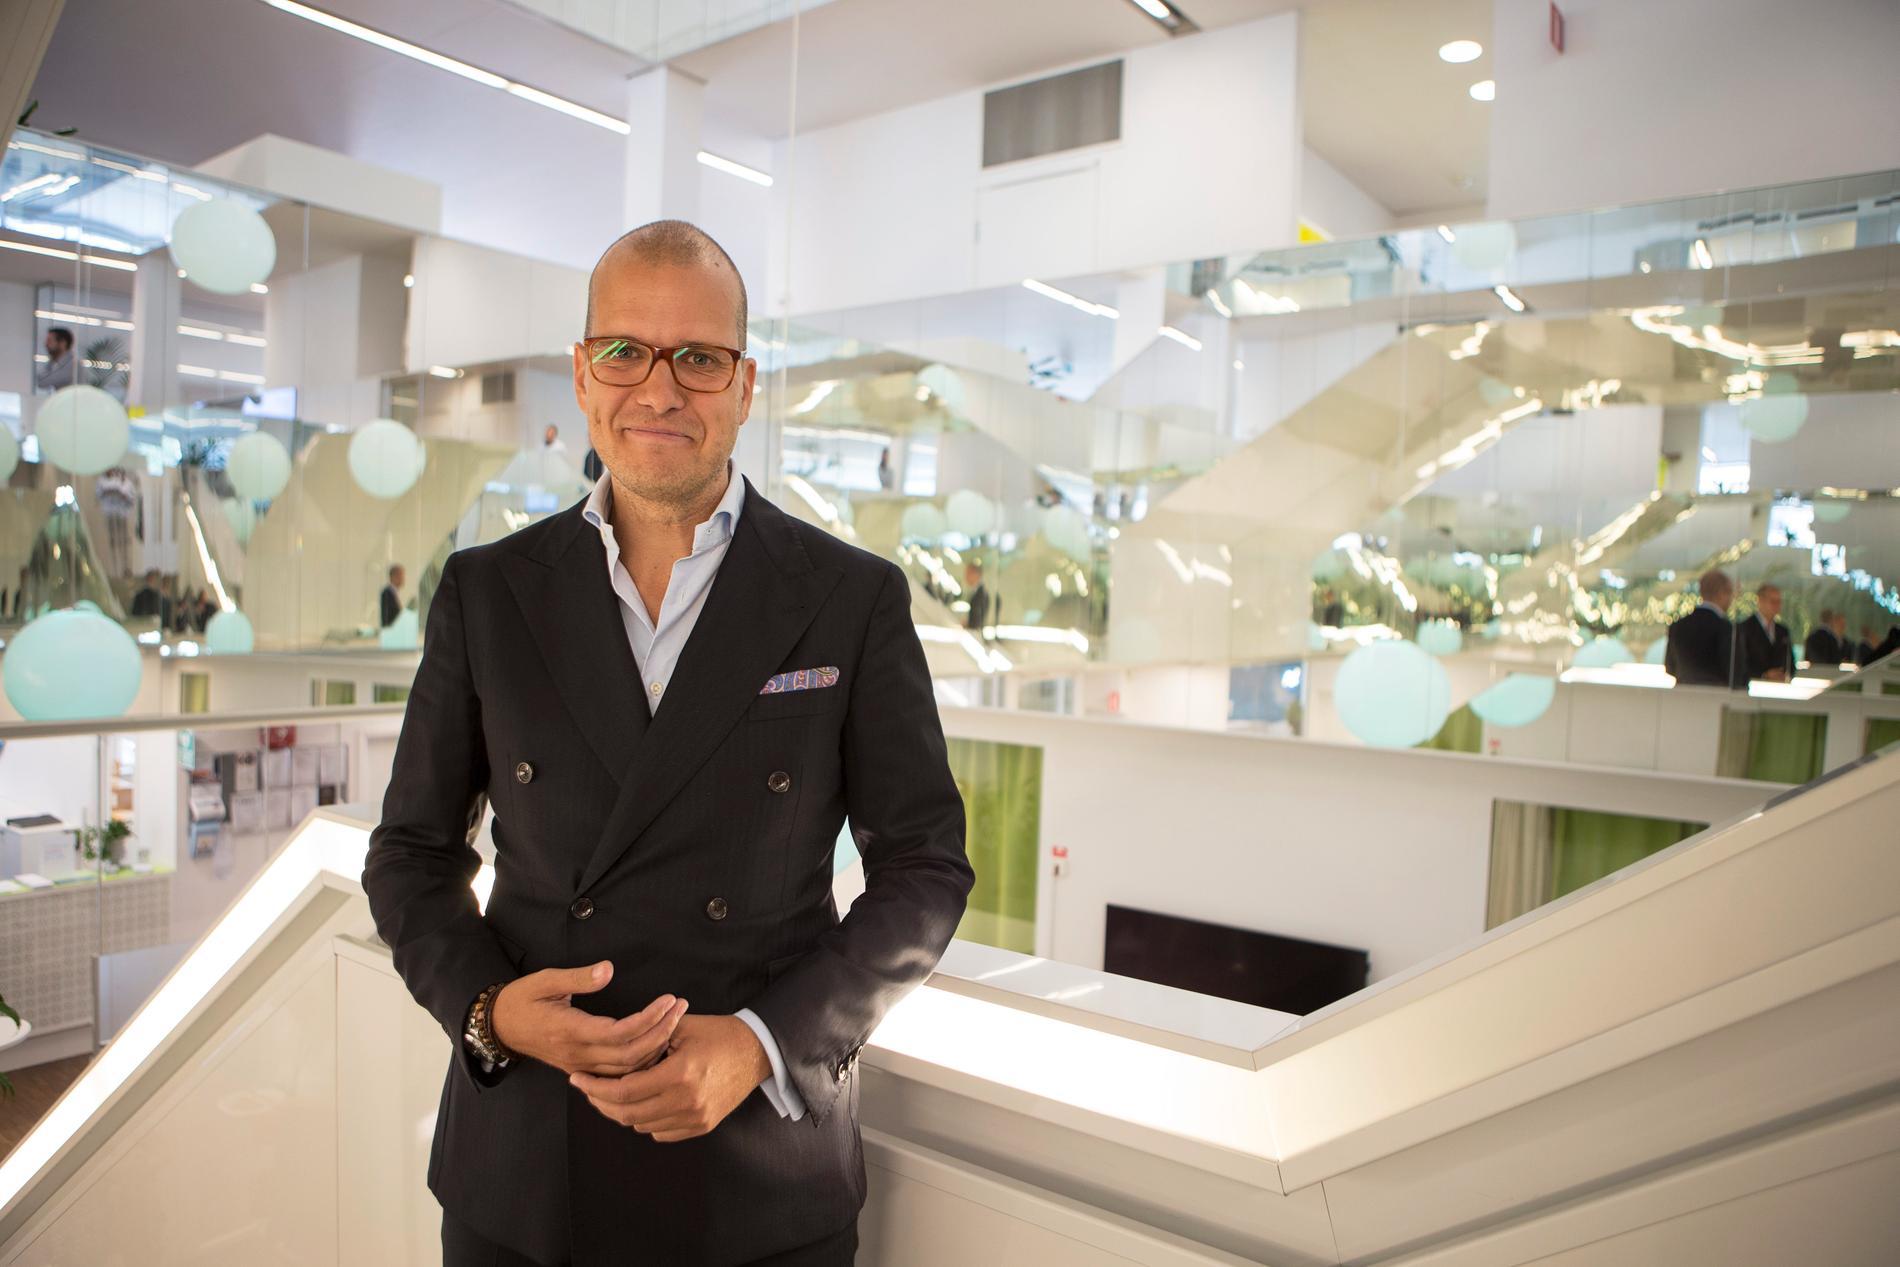 Sparare som har ränte- eller blandfonder på ett ISK-konto bör genast flytta dem till ett vanligt fondkonto eller en depå, uppmanar Nordnets sparekonom Joakim Bornold.